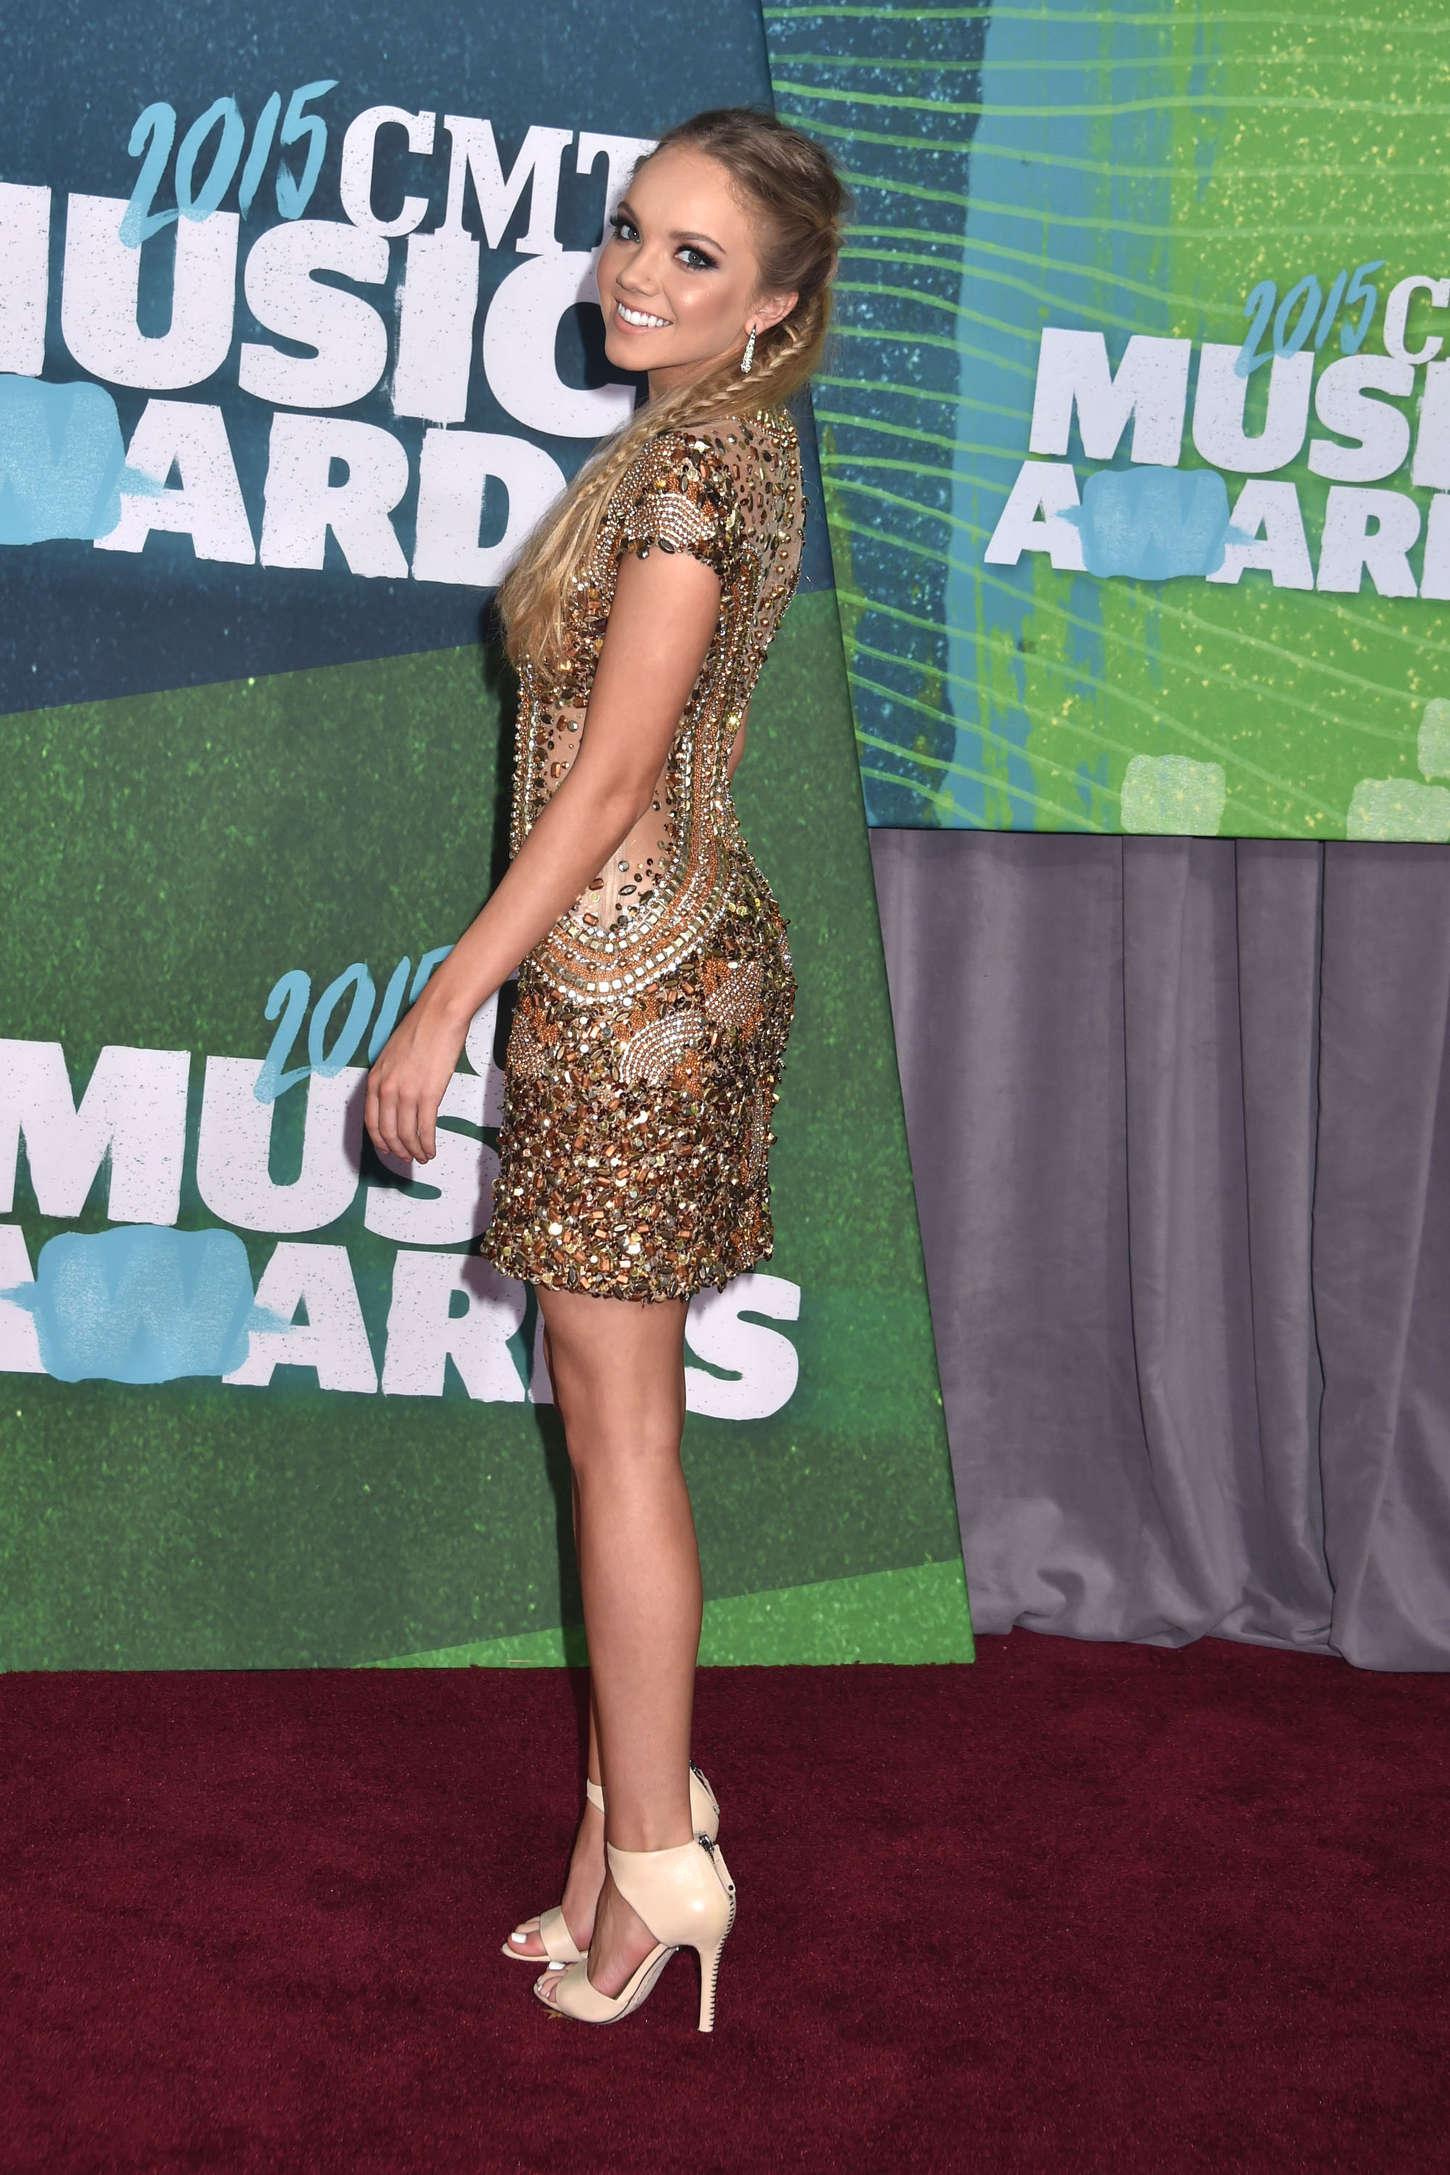 Danielle Bradbery CMT Music Awards in Nashville